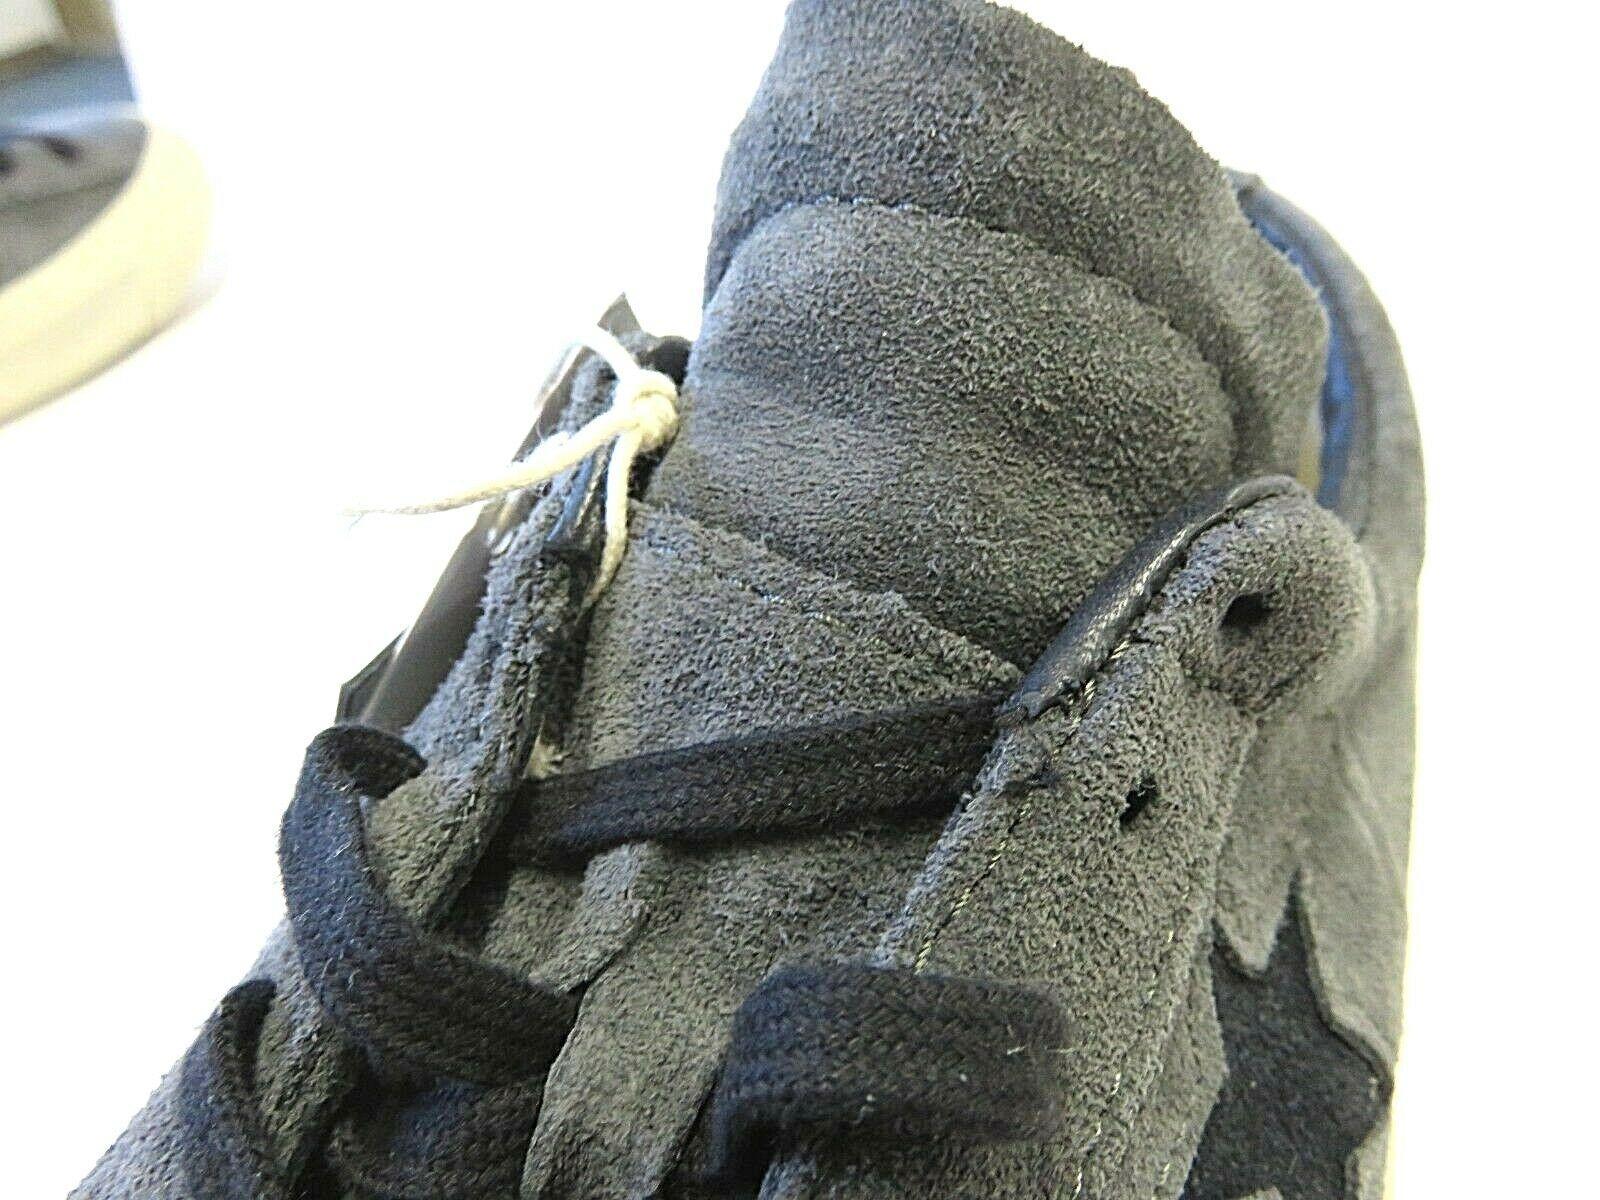 NEW Converse x John Varvatos Grey Star Shoes Size Men's 5.5 Women's 7.5 Low Top image 3